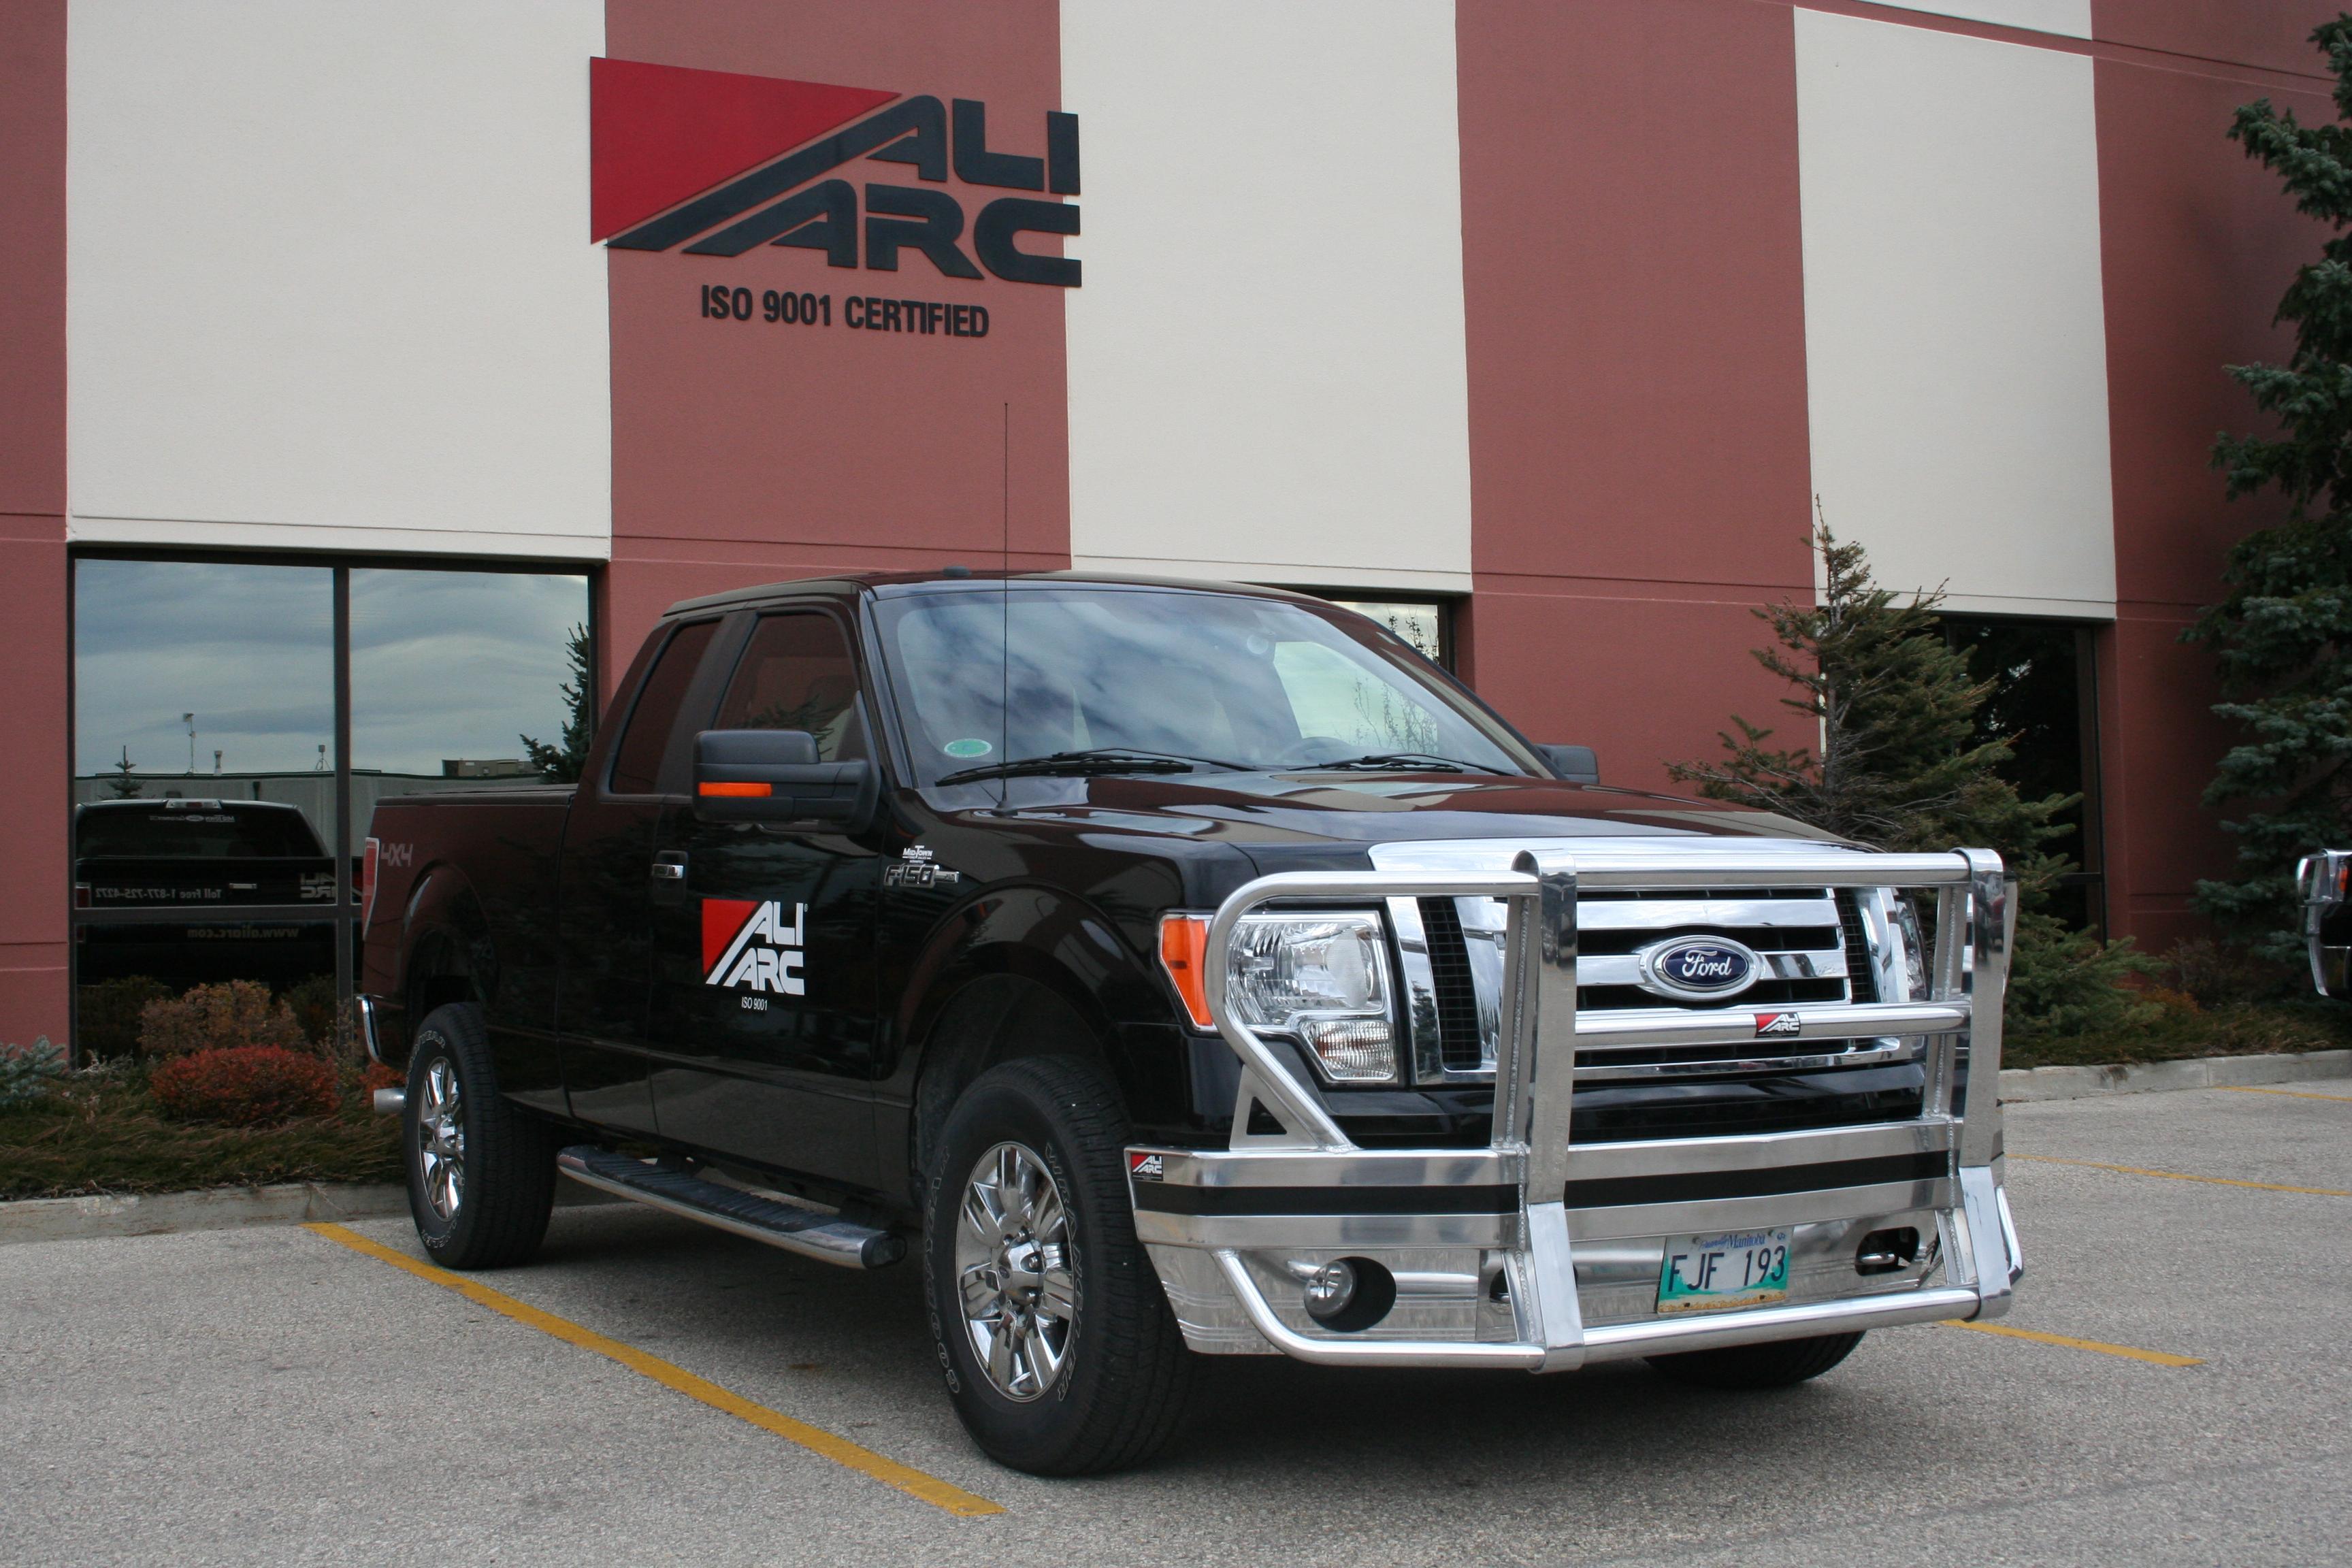 D Aluminum Bumper Ecoboost Ali Arc Trucks